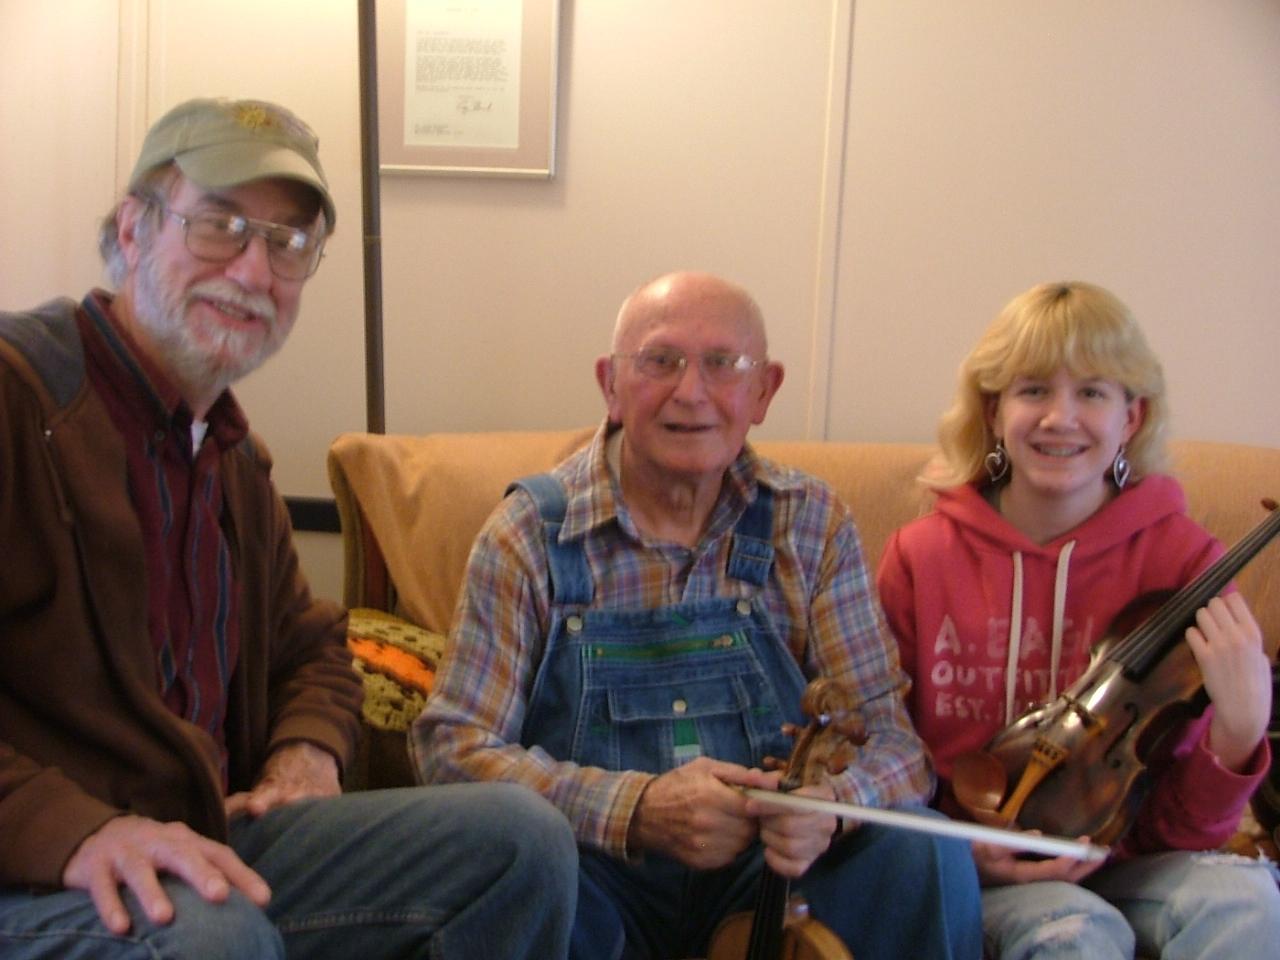 John, Clyde Davenport, and Rossi Clark, my apprentice in 2006